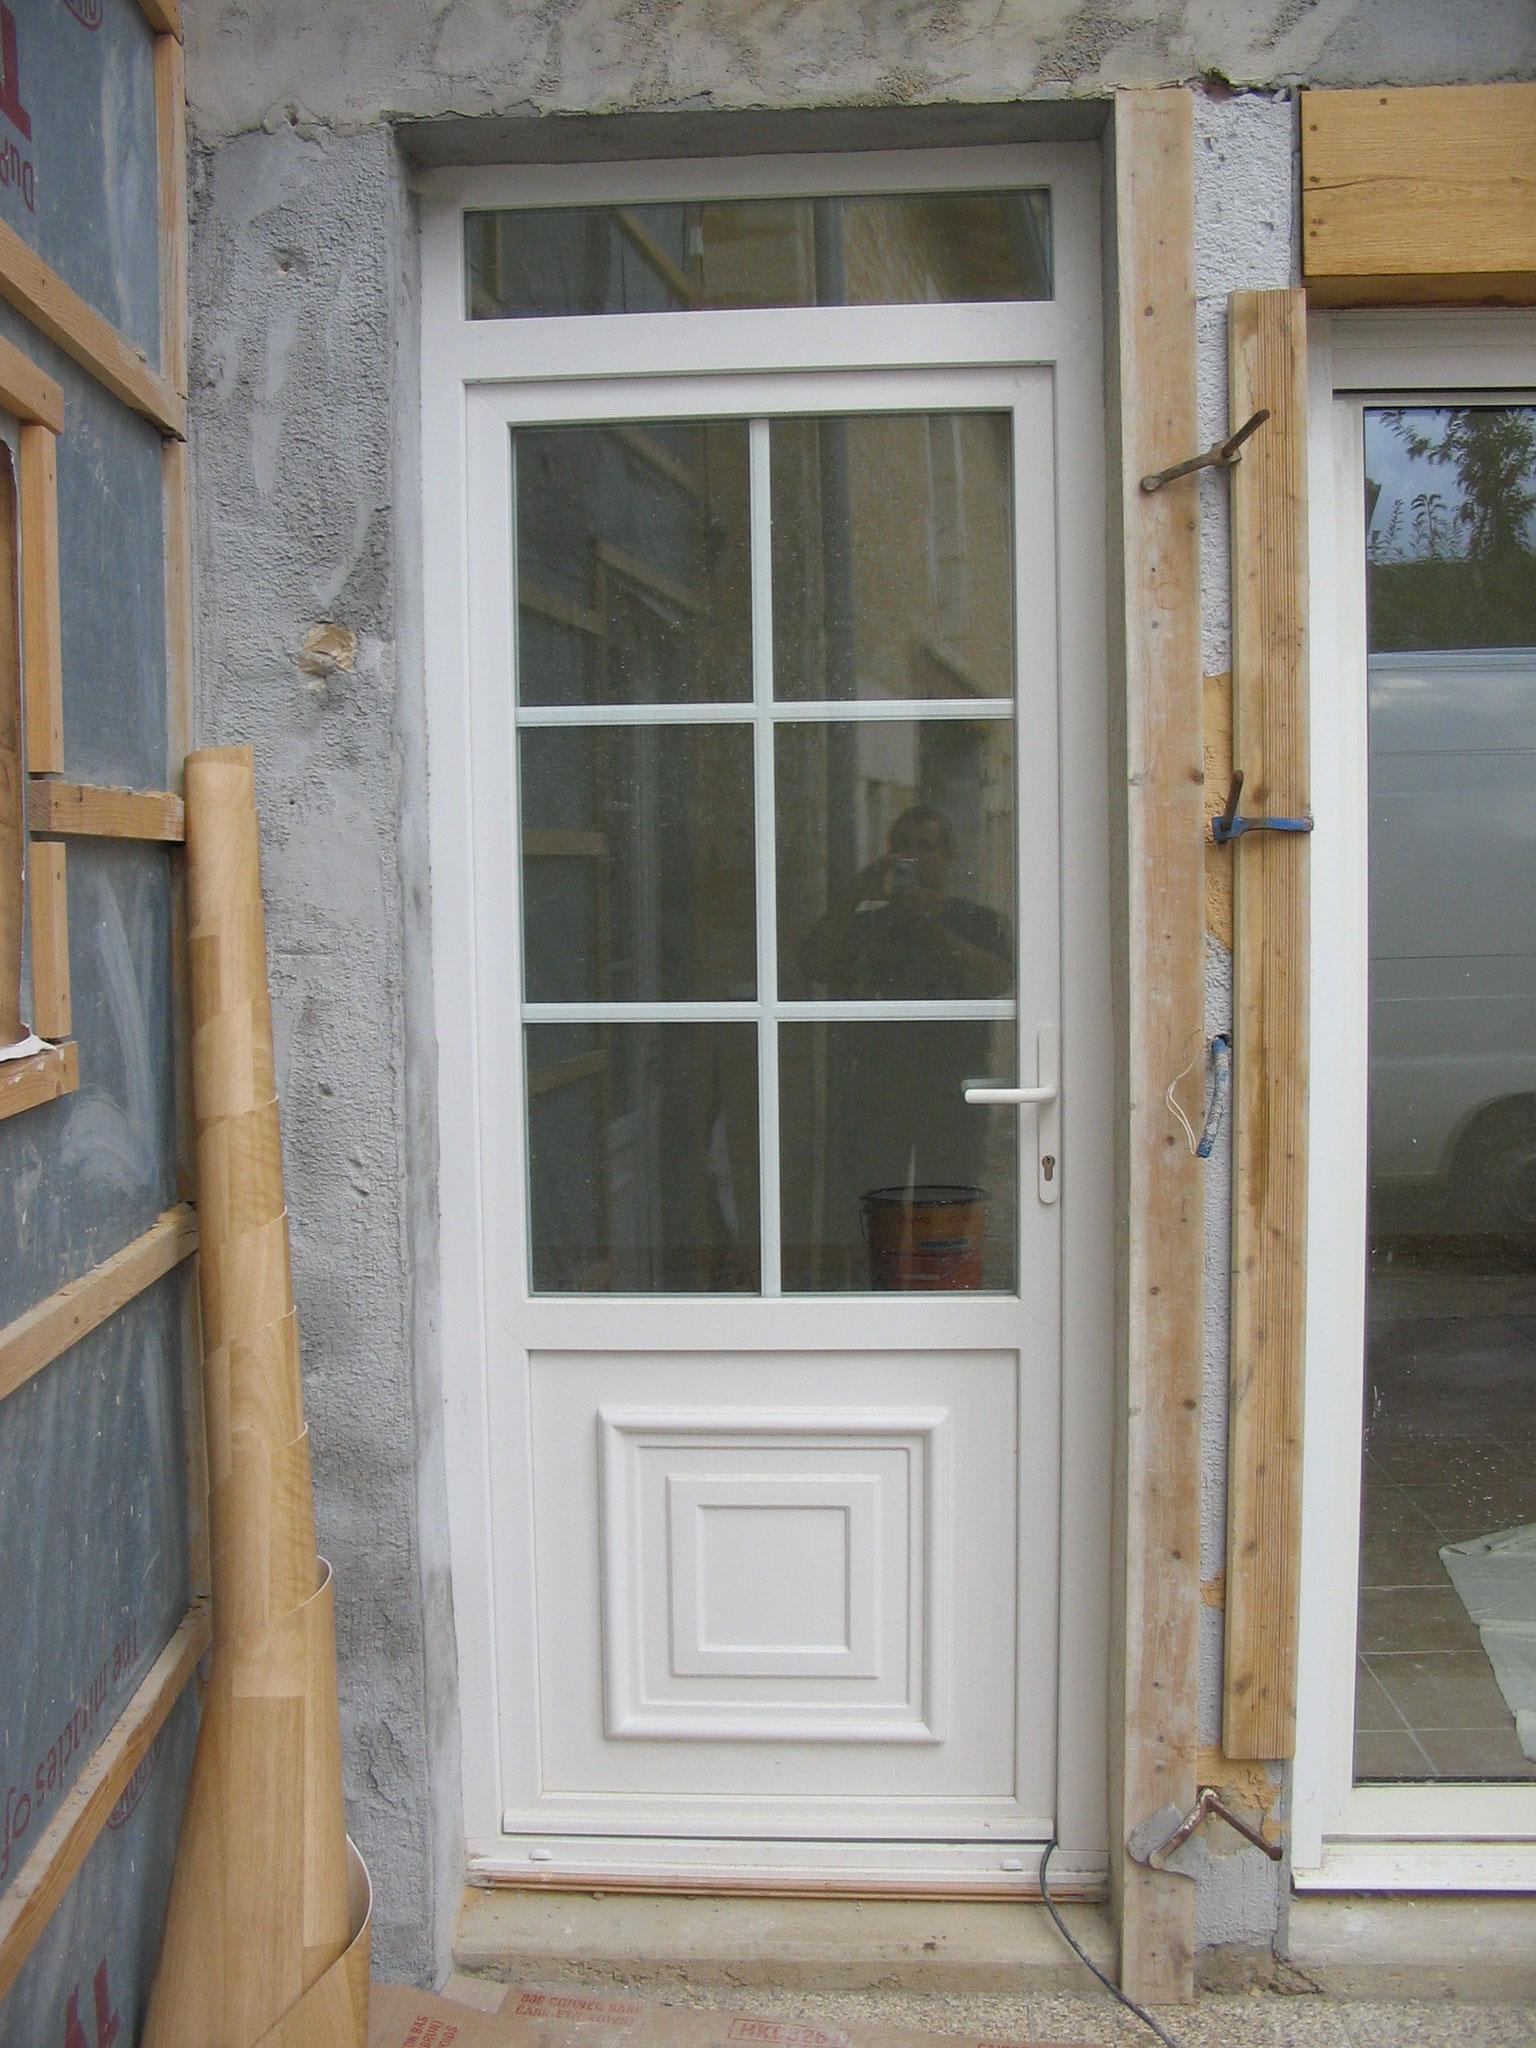 Porte fenêtre blanche avec imposte et soubassement mouluré